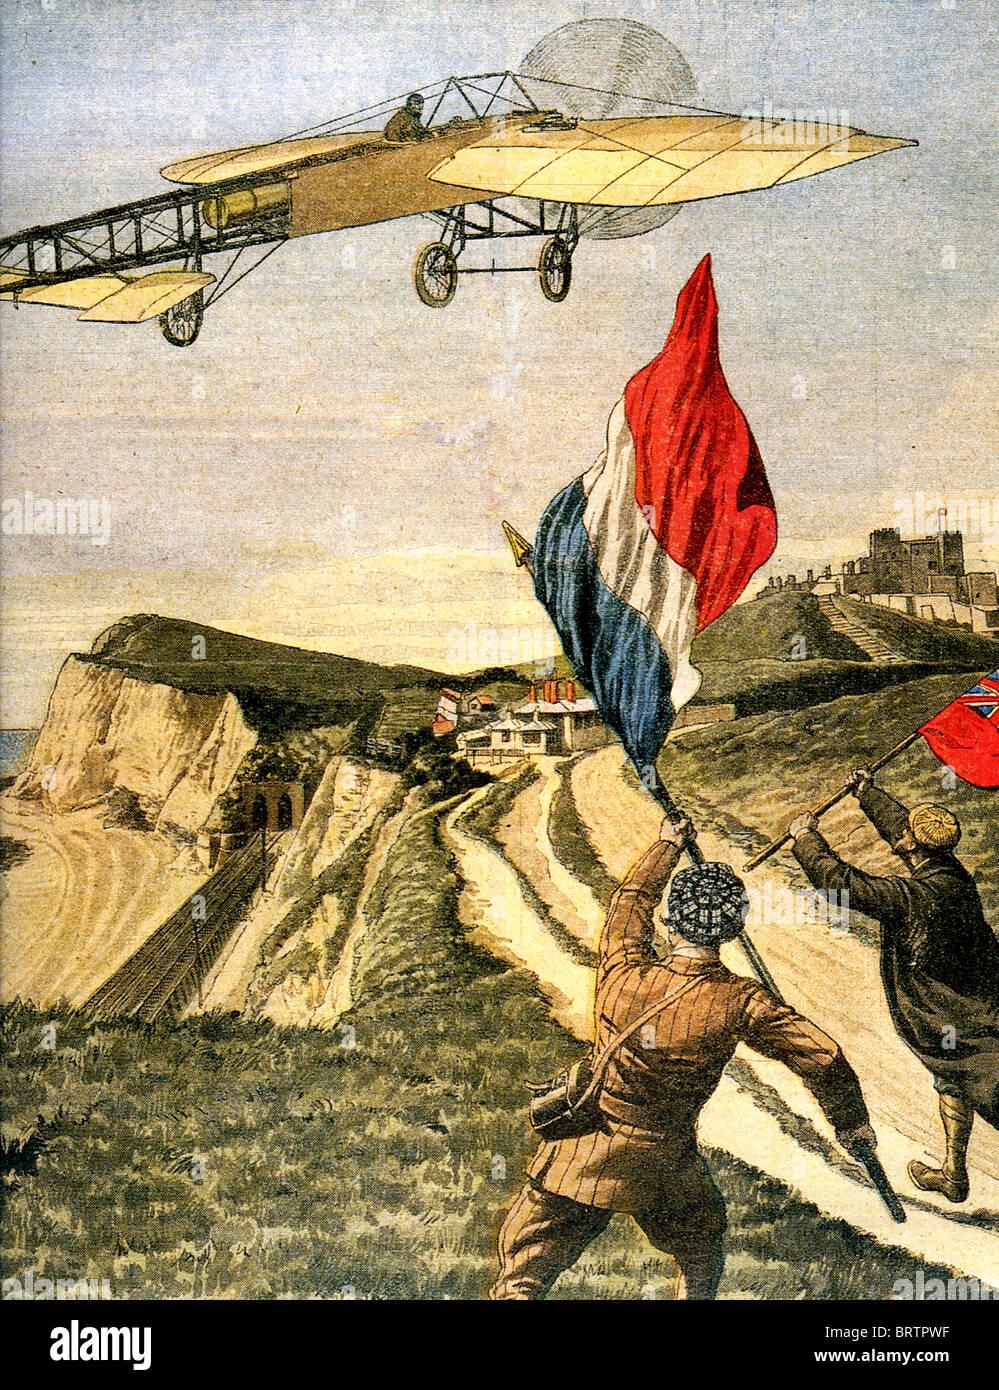 LOUIS BLERIOT (1872-1936) vola sua XI tra le scogliere di Dover dopo il primo cross-channel volo, 25 luglio 1909. Immagini Stock